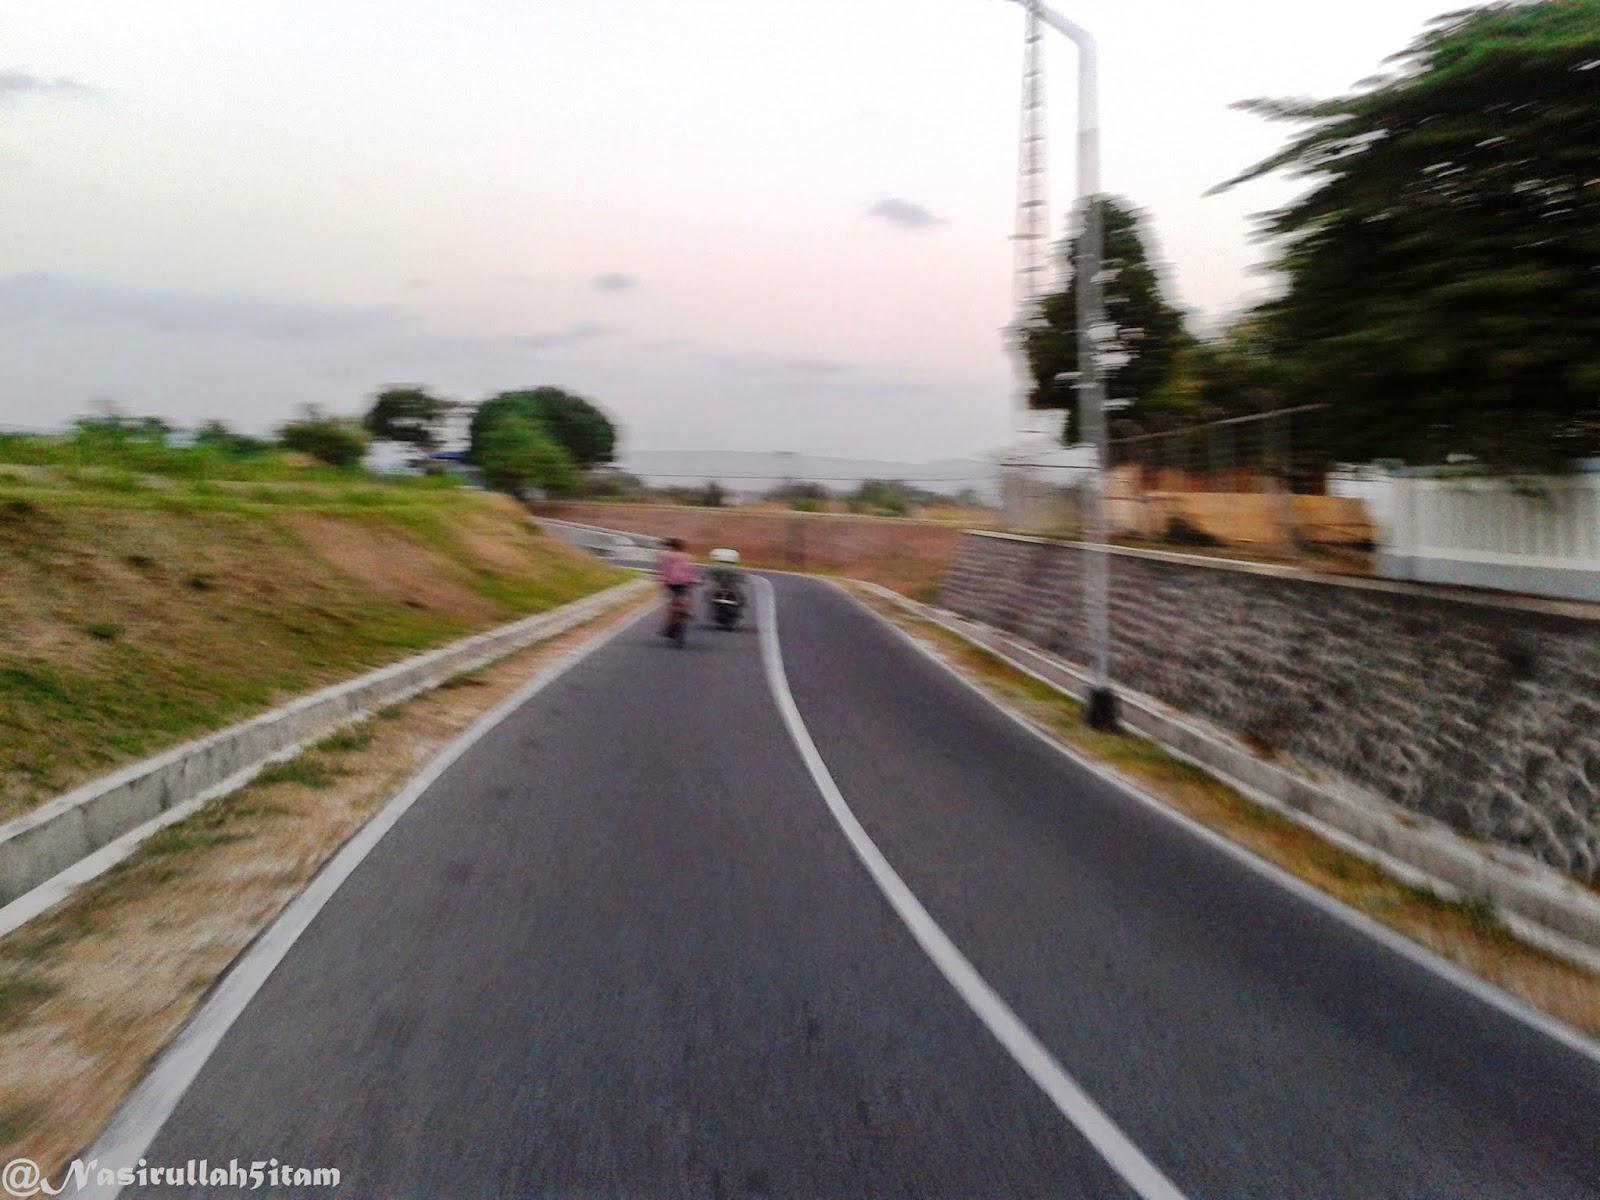 Jalanan sepi dan pemandangannya pun bagus